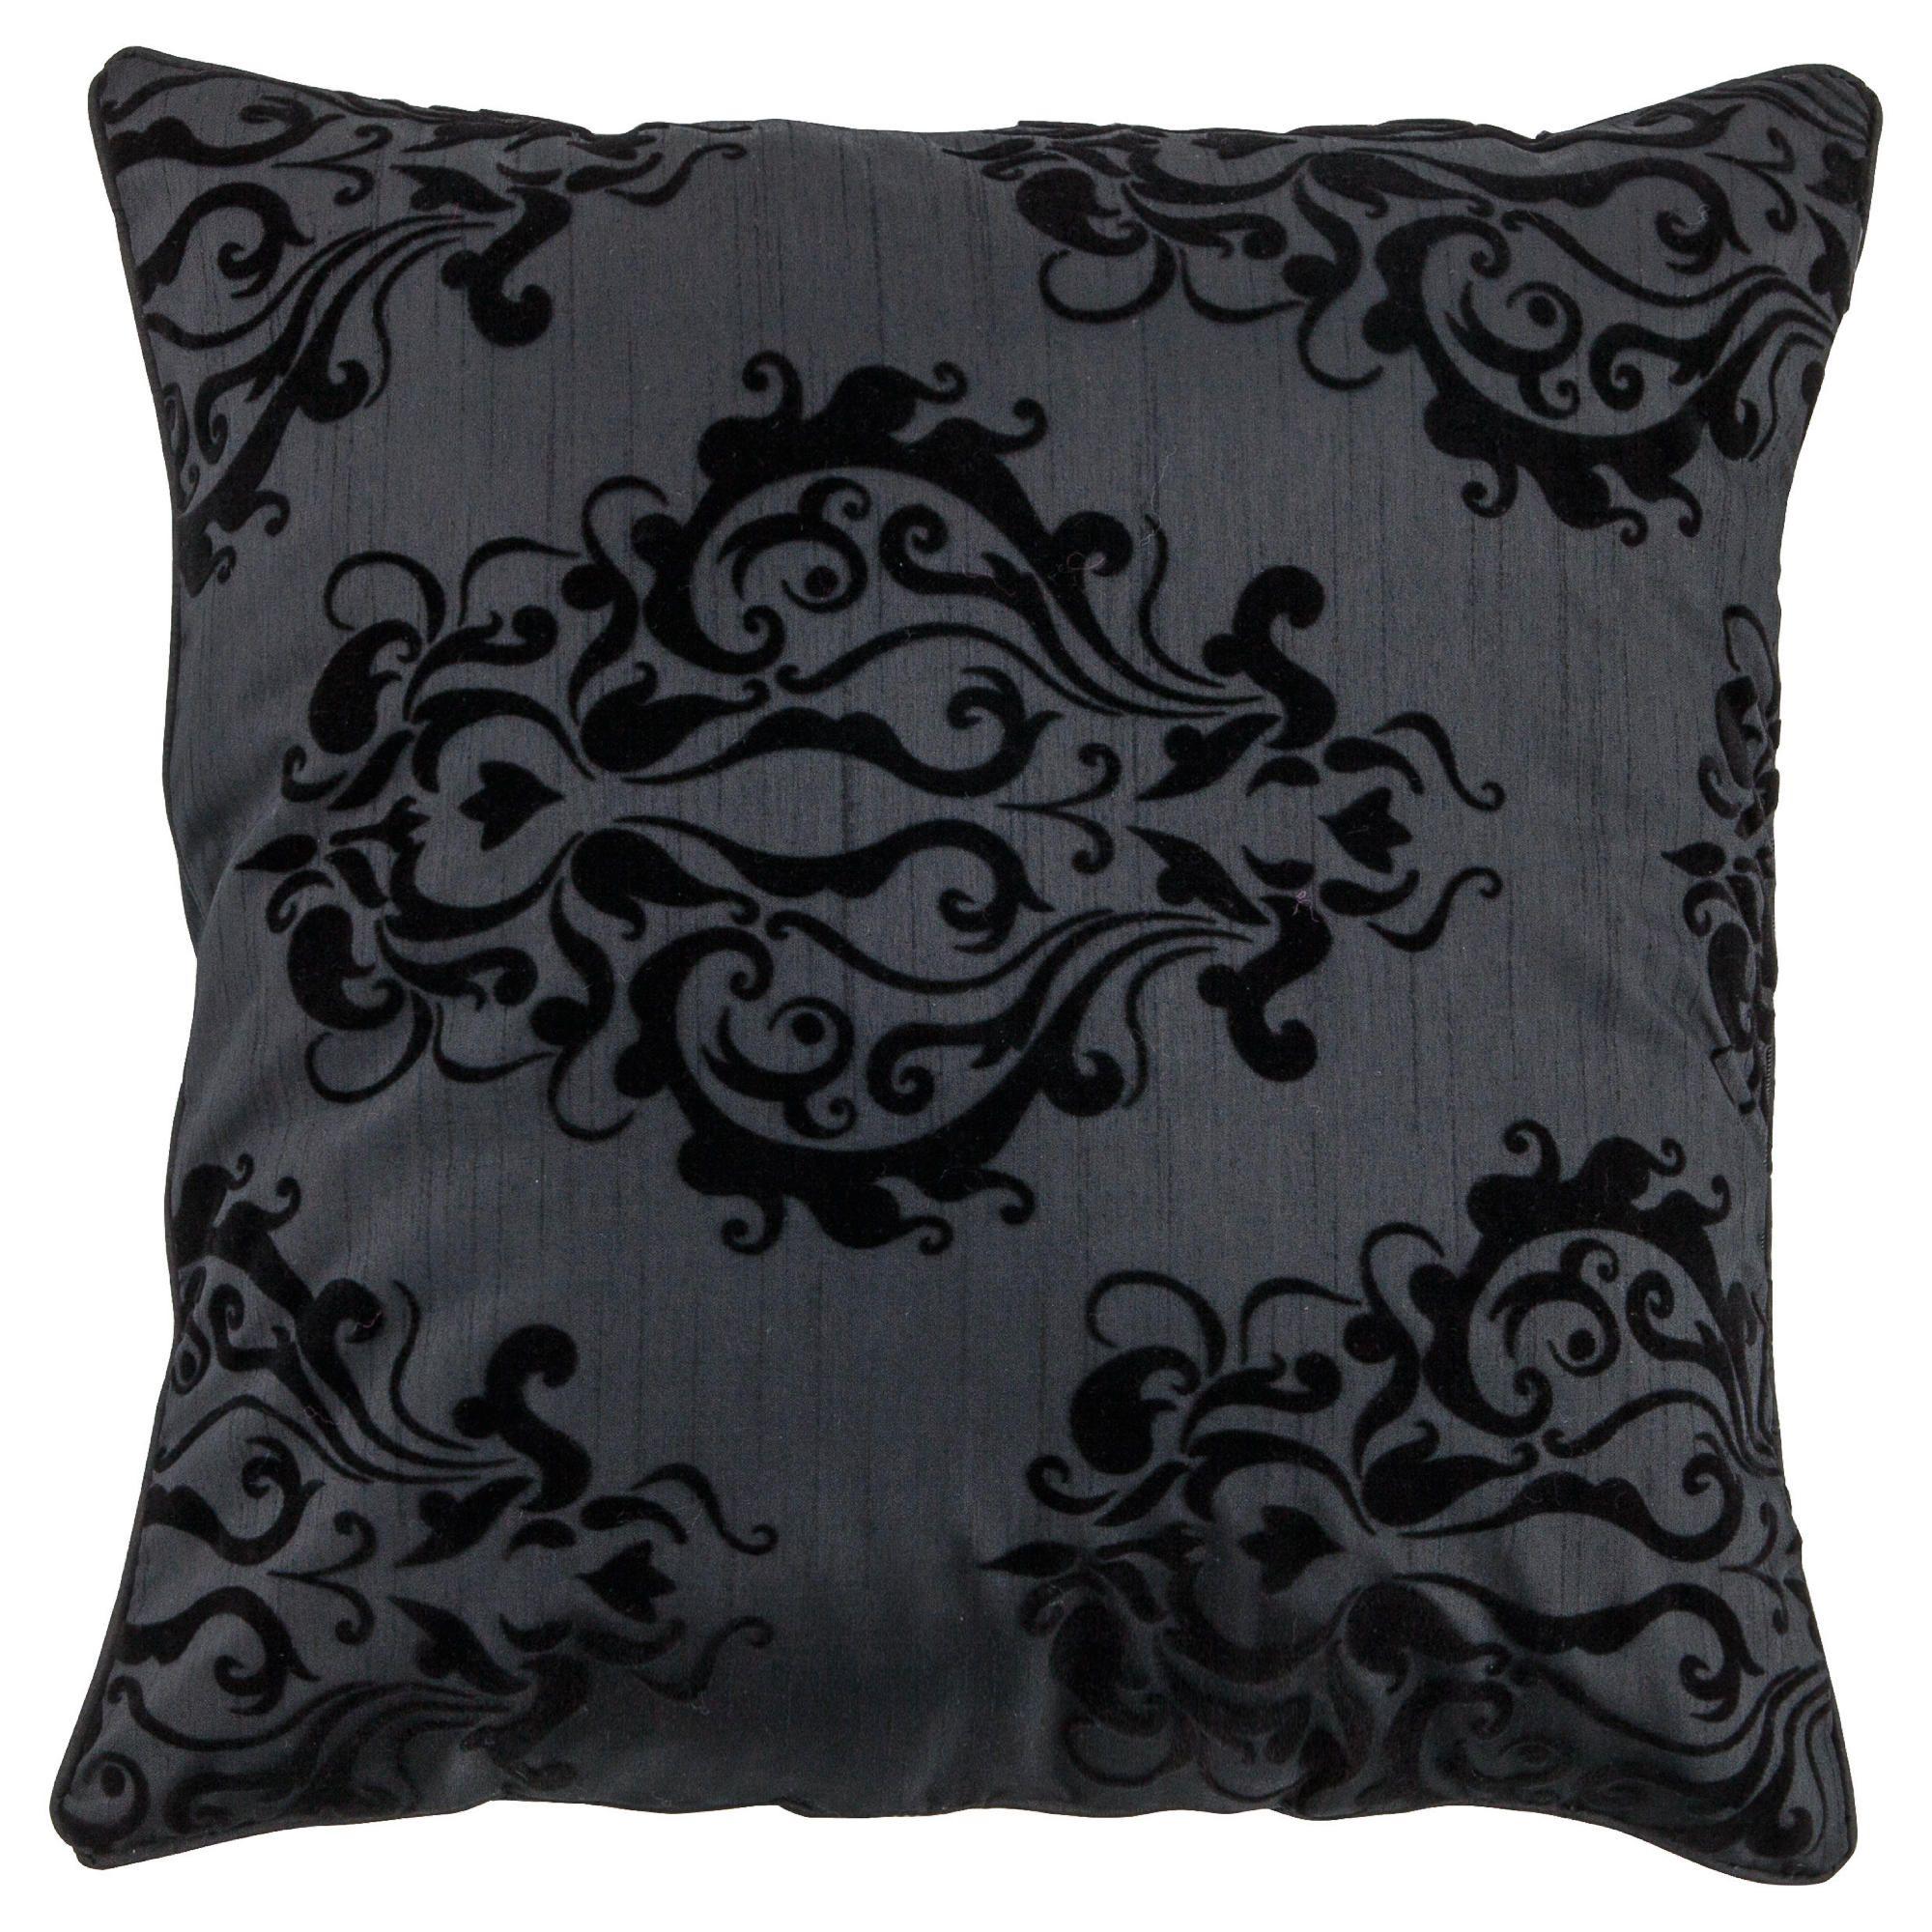 tesco flocked damask cushion cover black. Black Bedroom Furniture Sets. Home Design Ideas